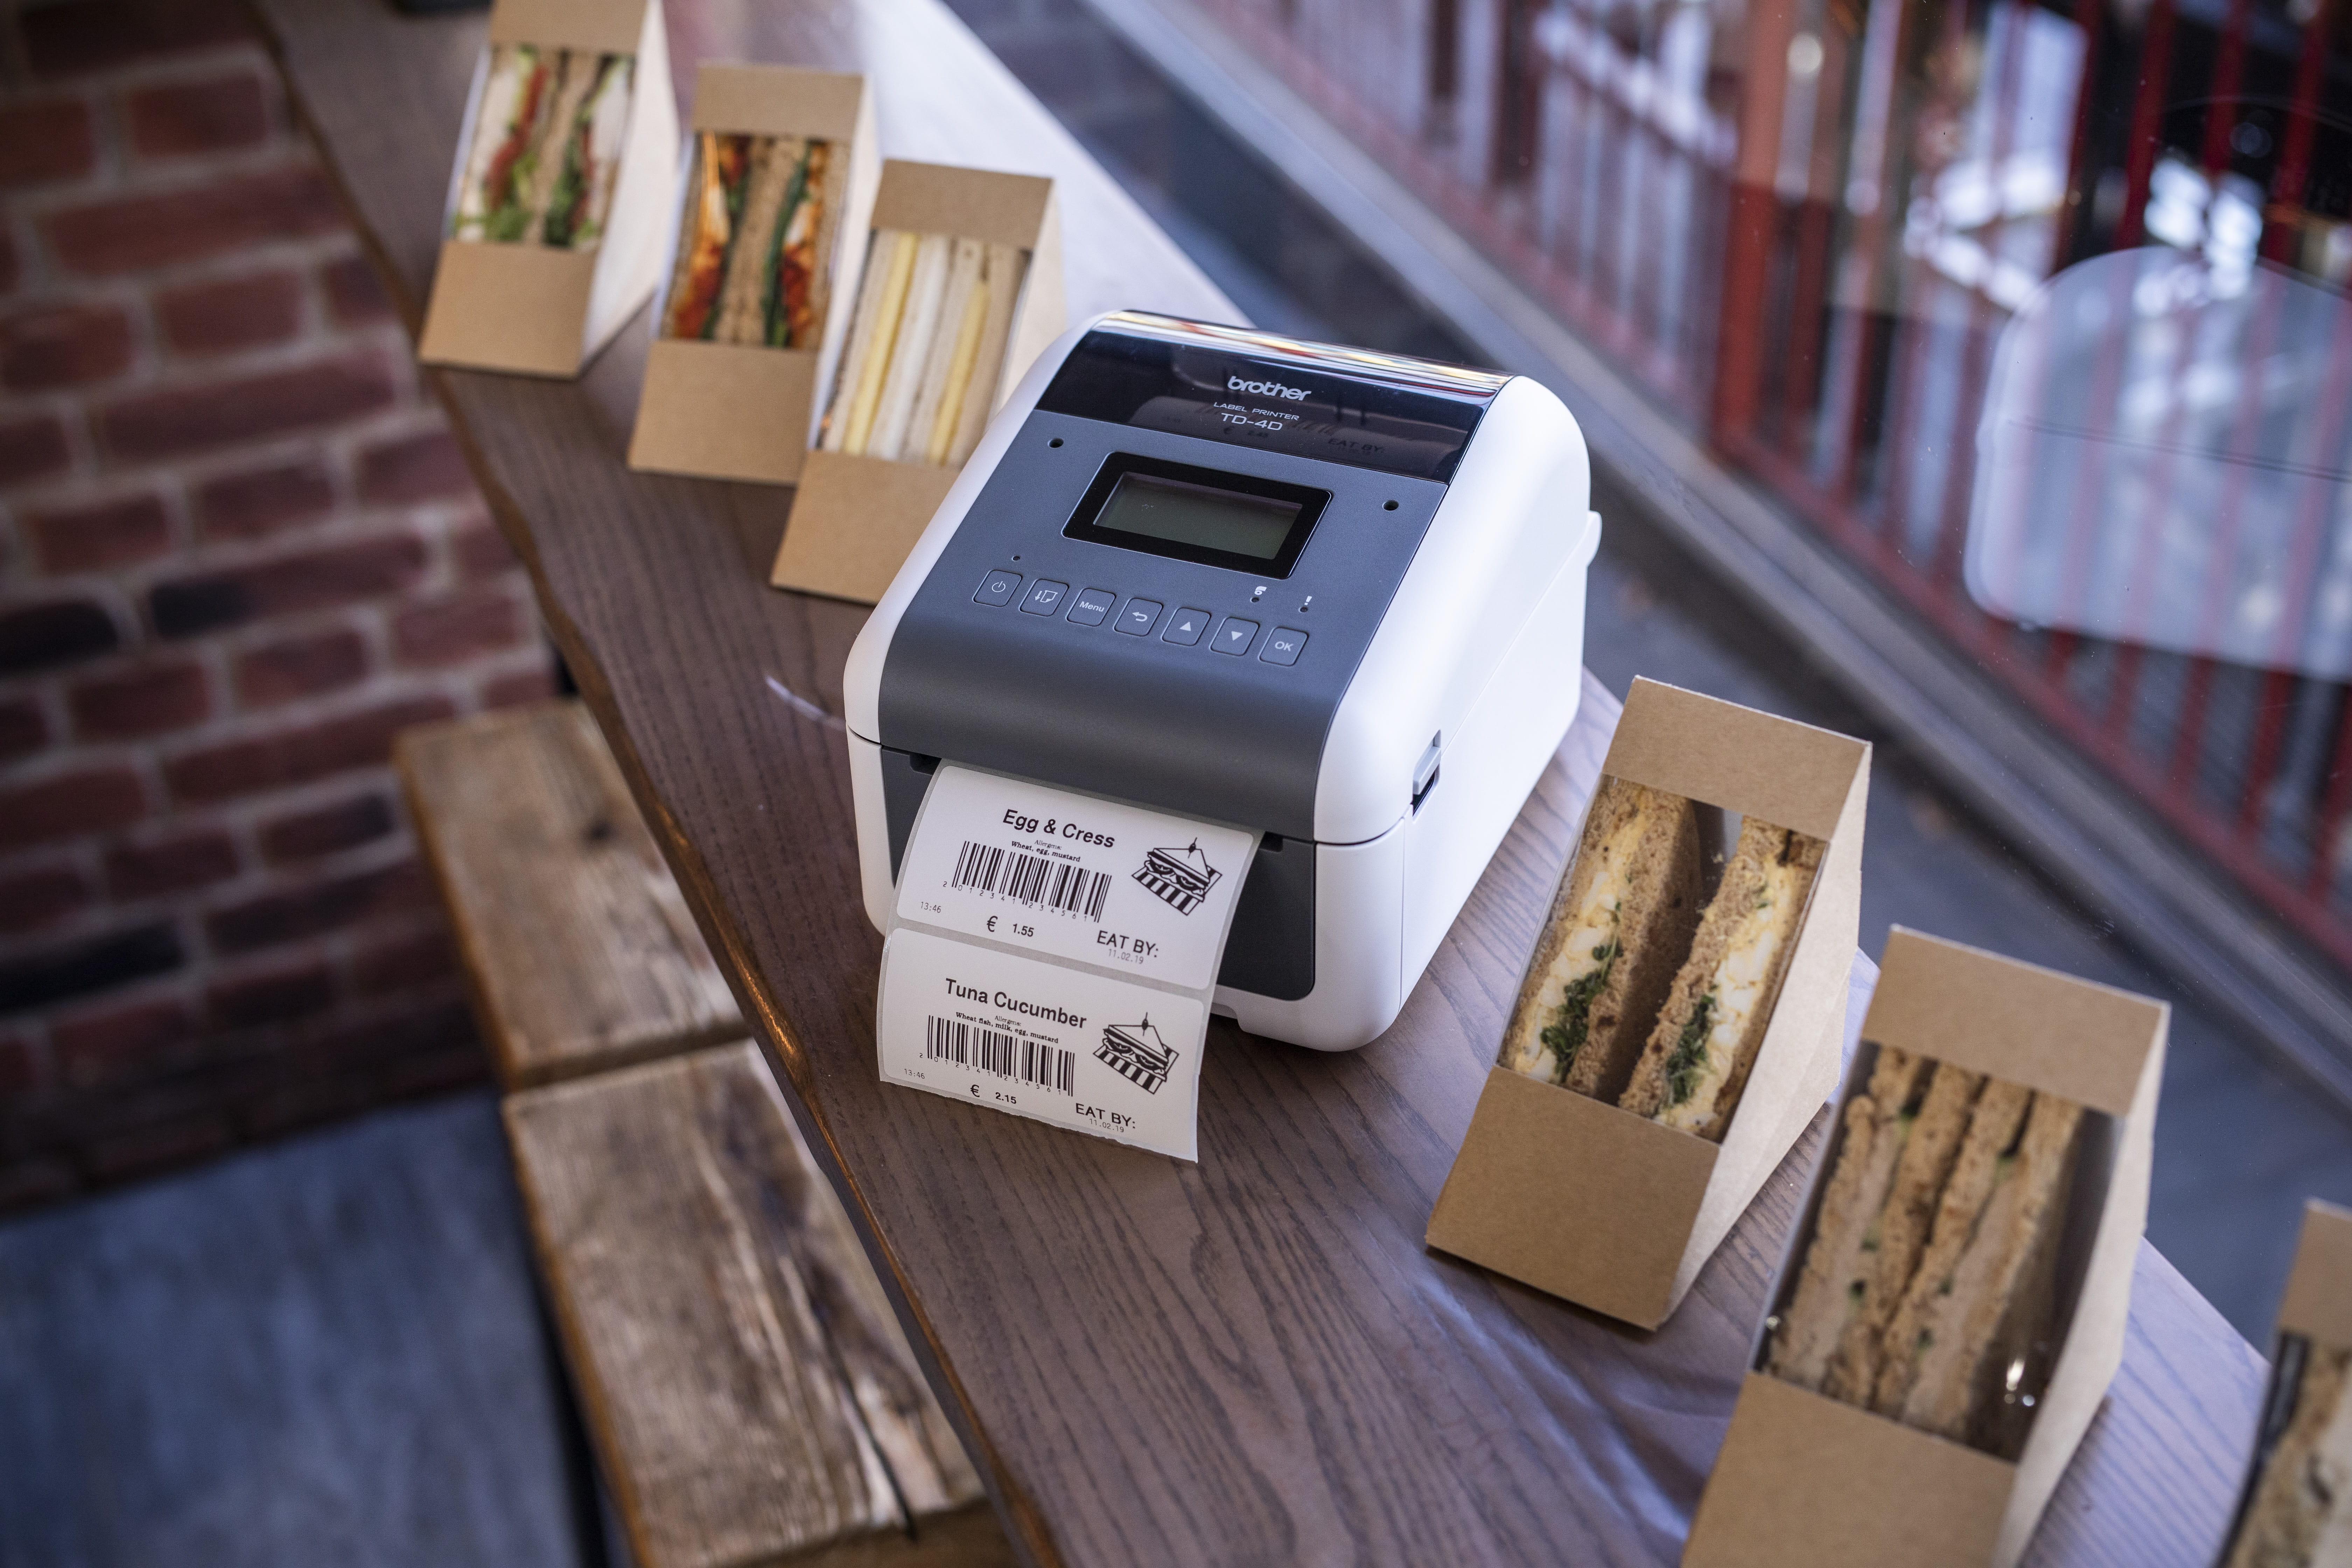 Etiqueteuse TD-4D imprimant une étiquette à coller sur des boîtes à sandwich dans une zone de vente au détail de produits de charcuterie